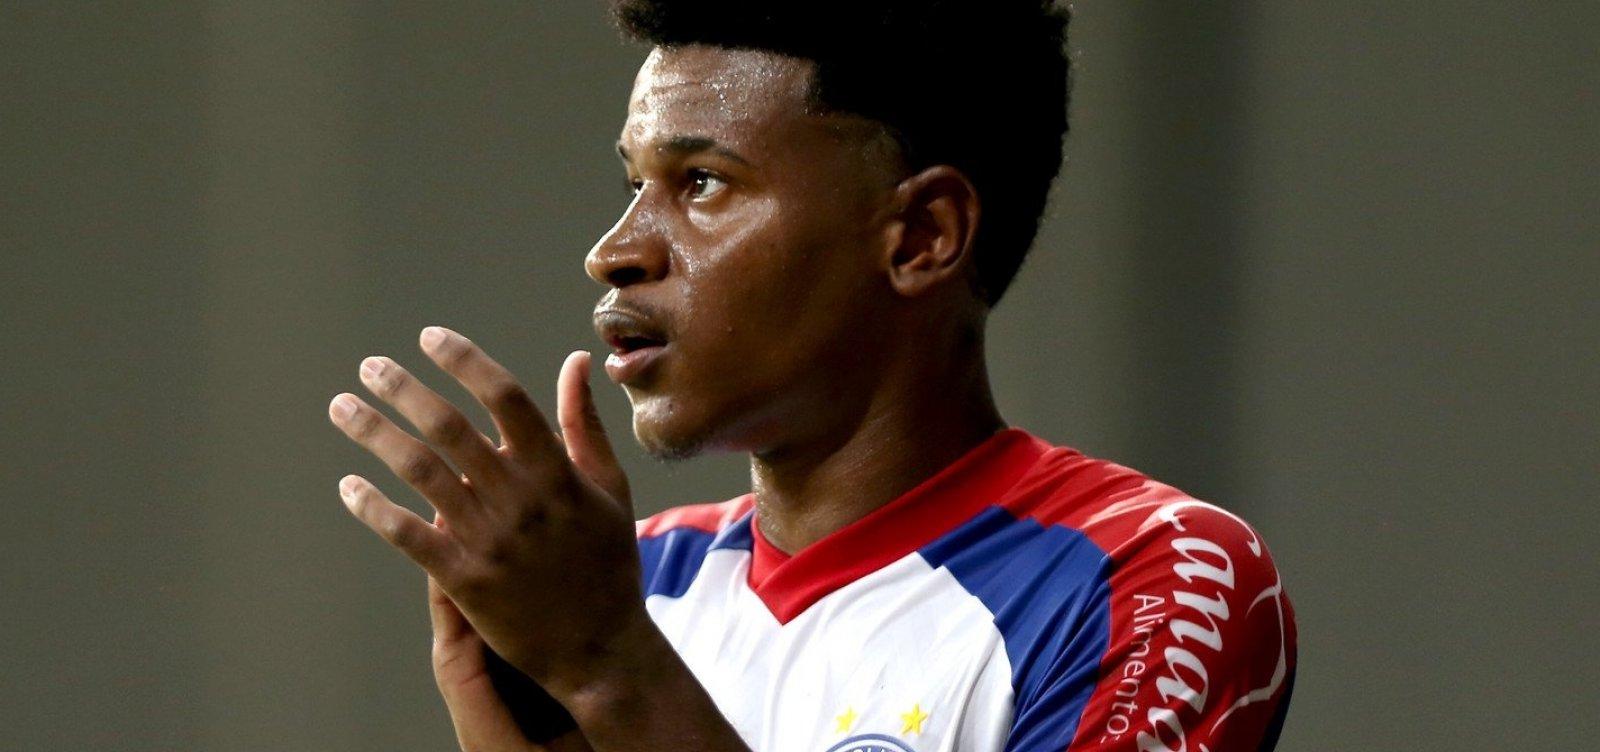 [Bahia pode 'almejar coisa grande' no Brasileirão, defende Eric Ramires]